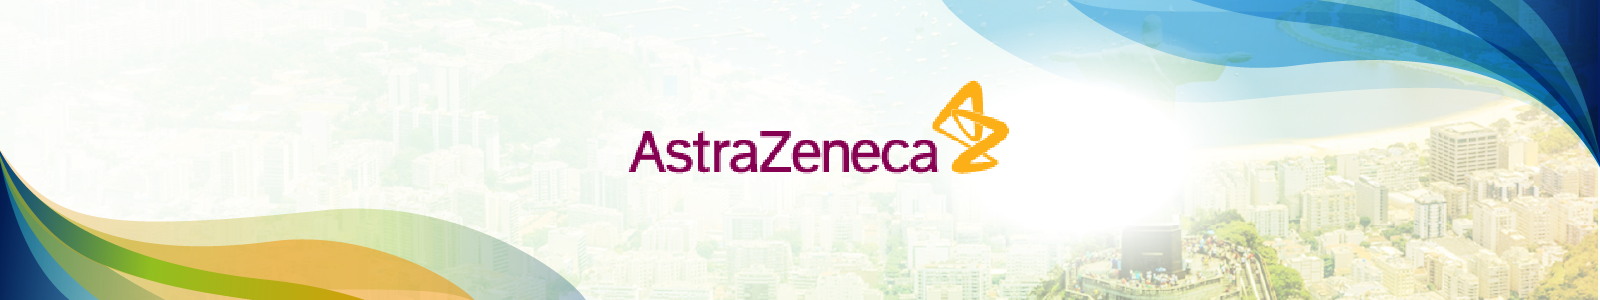 banner Aztrazenica